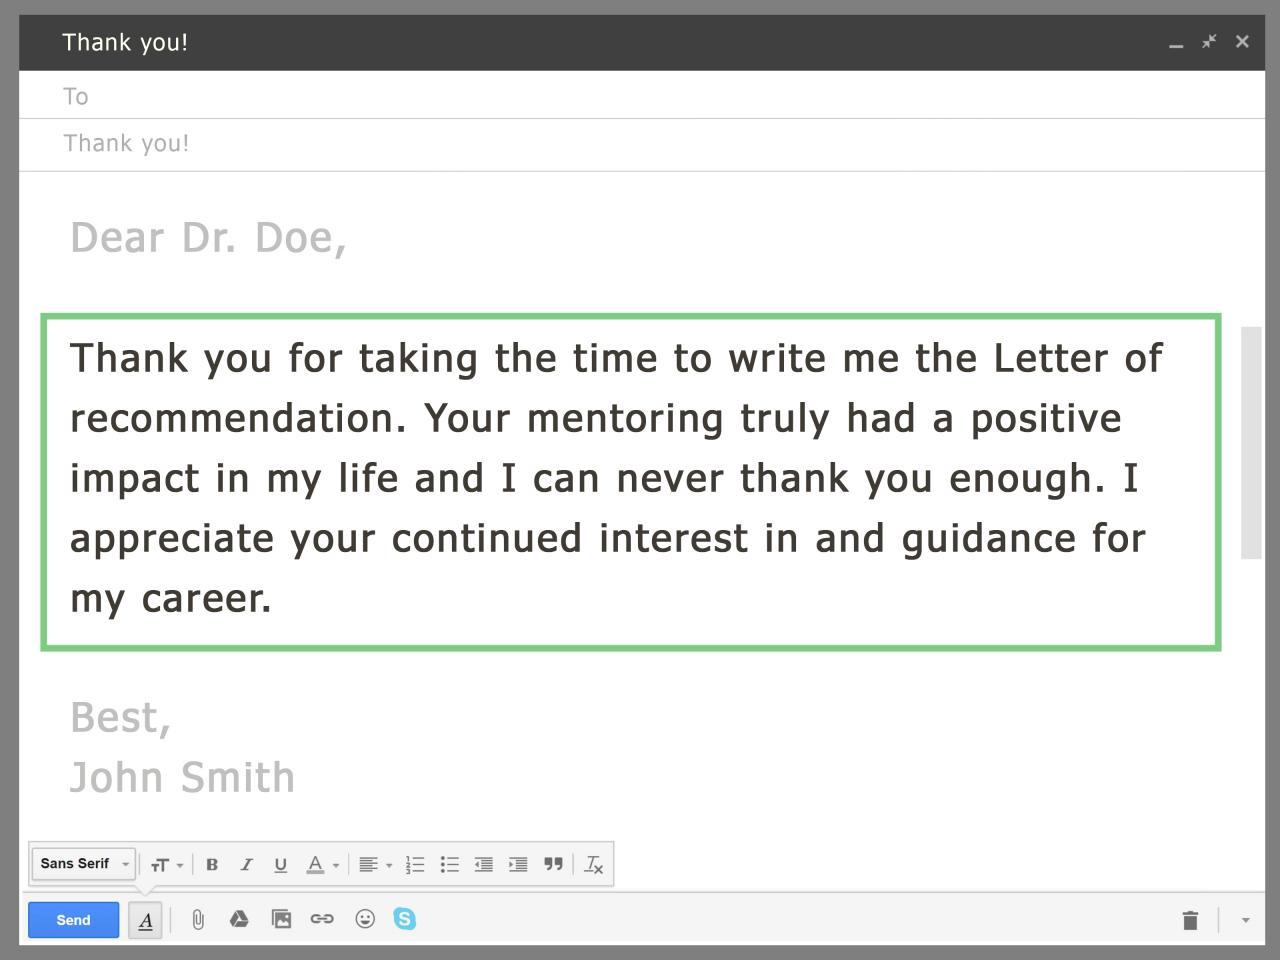 بالصور ايميل شكر بالانجليزي , طريقة كتابة رسالة شكر الكترونية بالانجليزية 12863 4